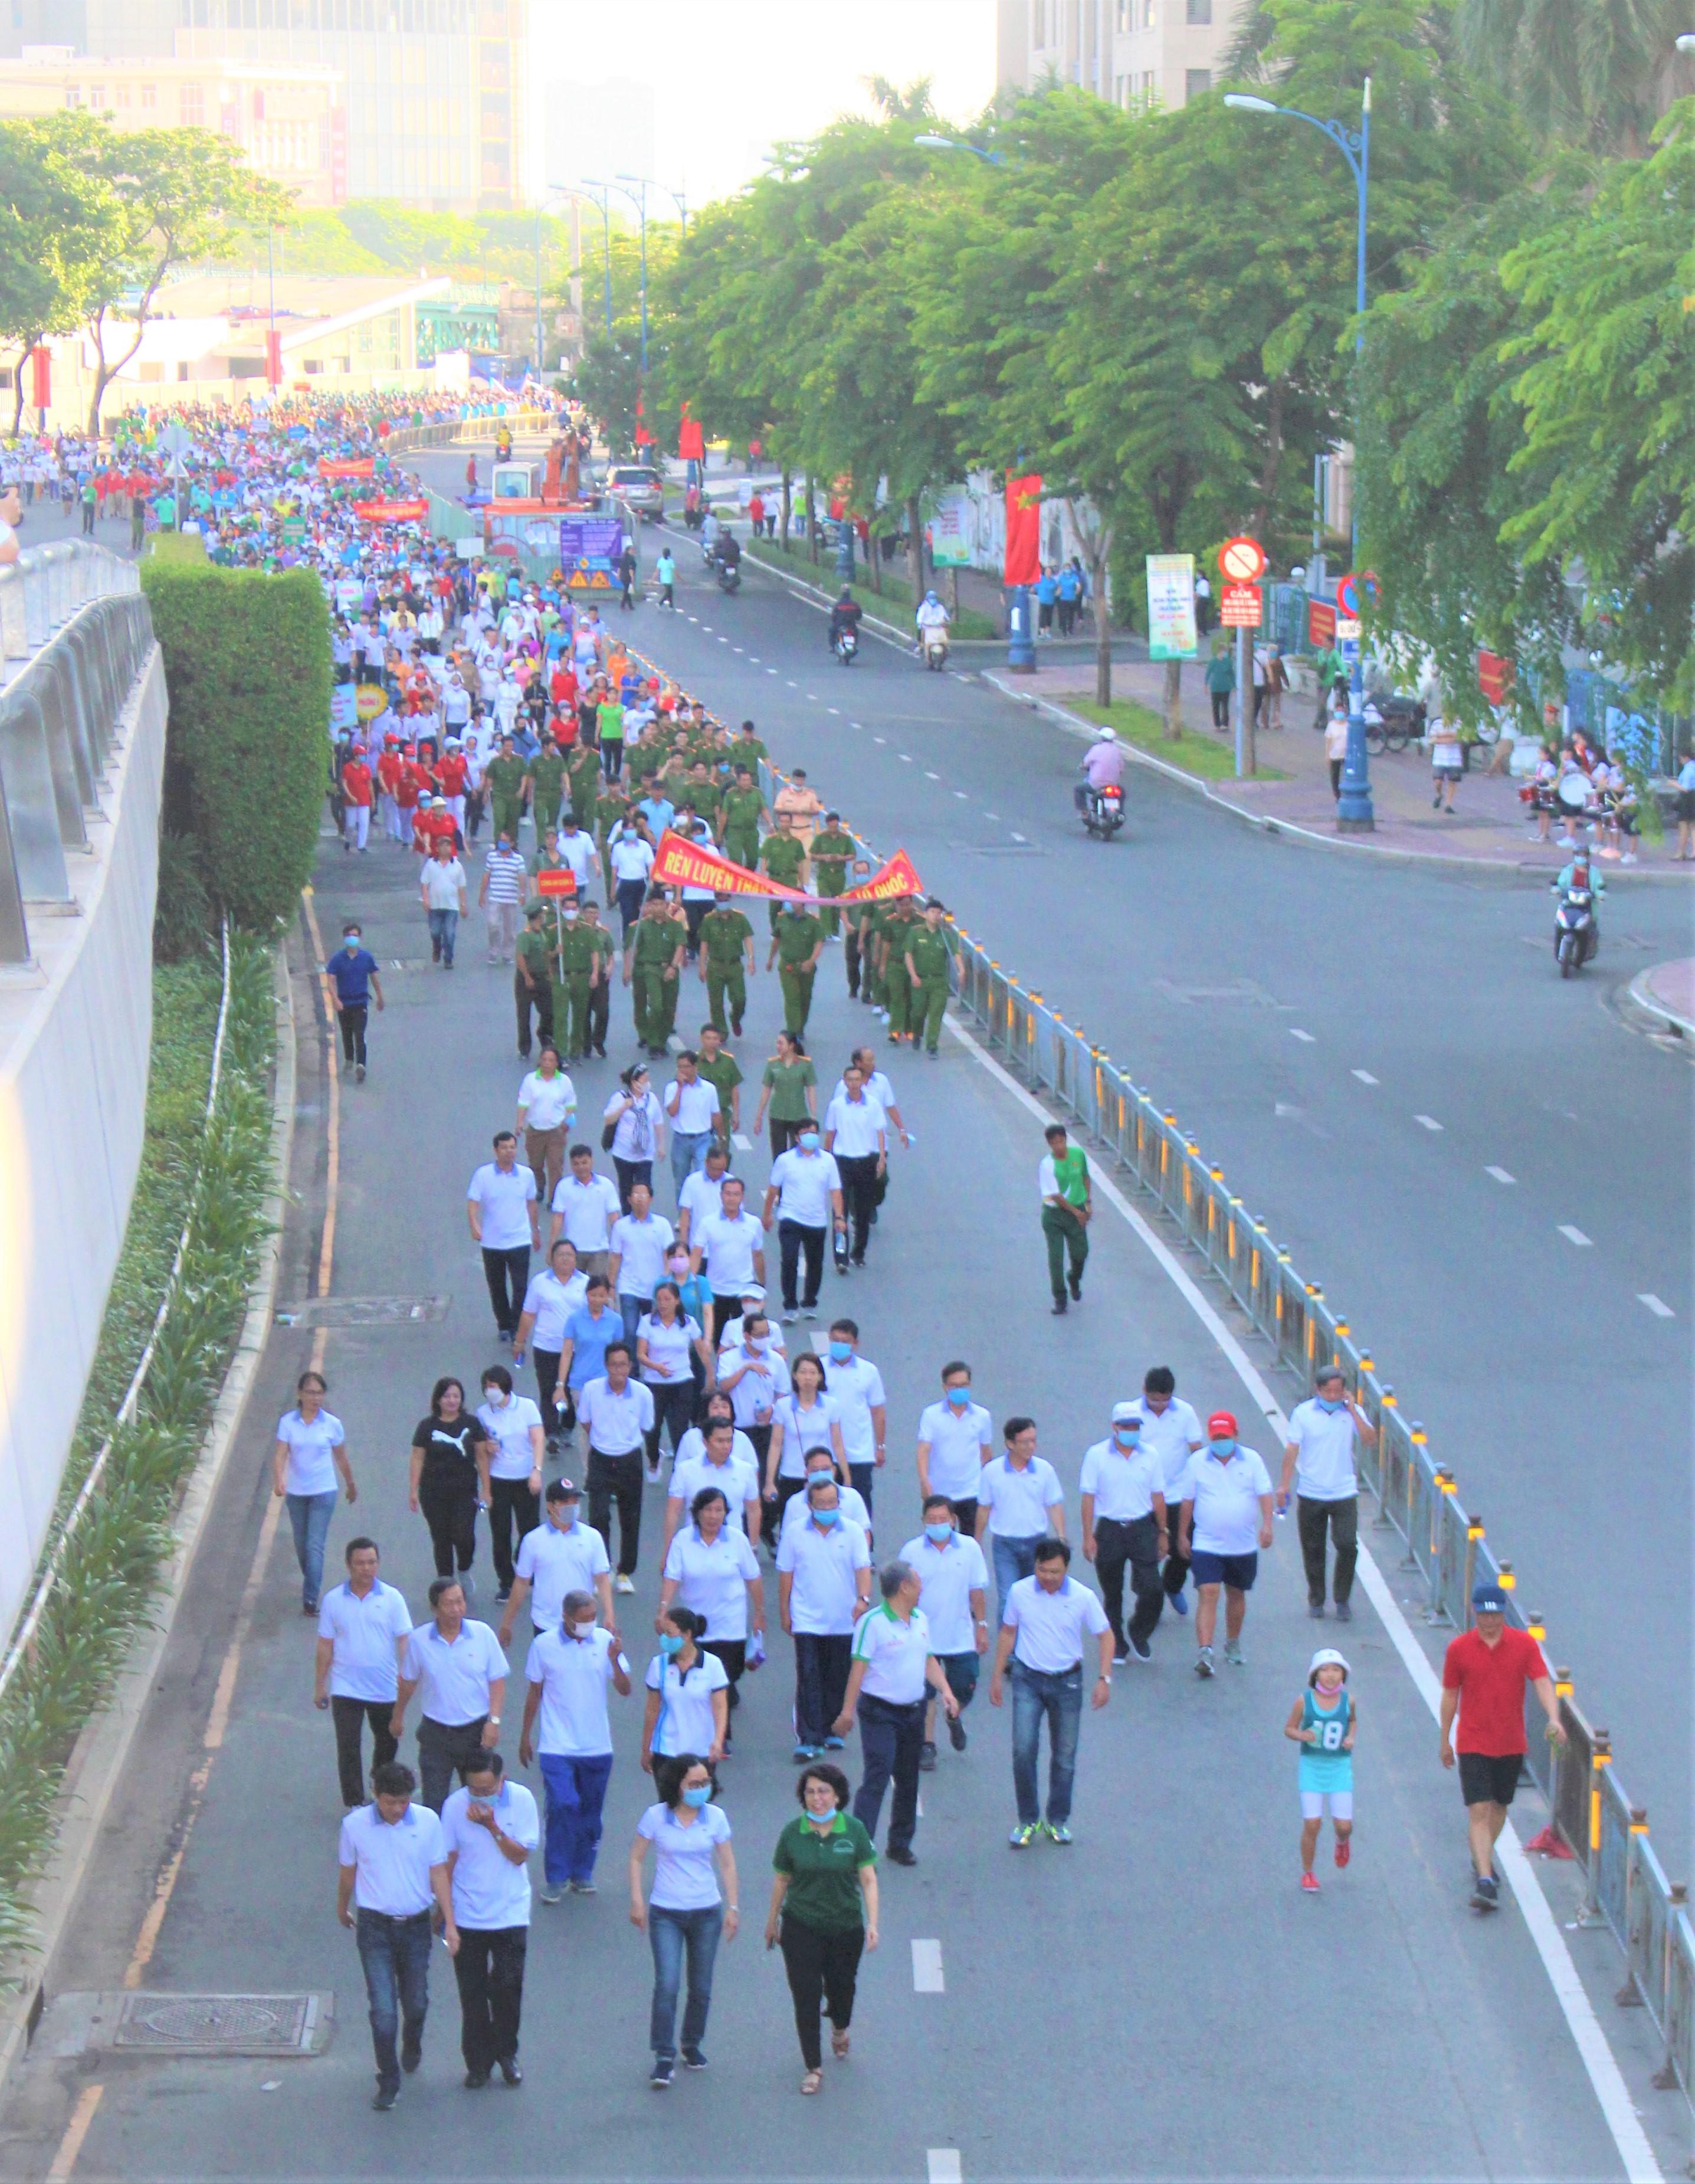 Hình ảnh: Quận 4: Nhộn nhịp ngày đi bộ truyền thống gây quỹ khuyến học lần XV số 12